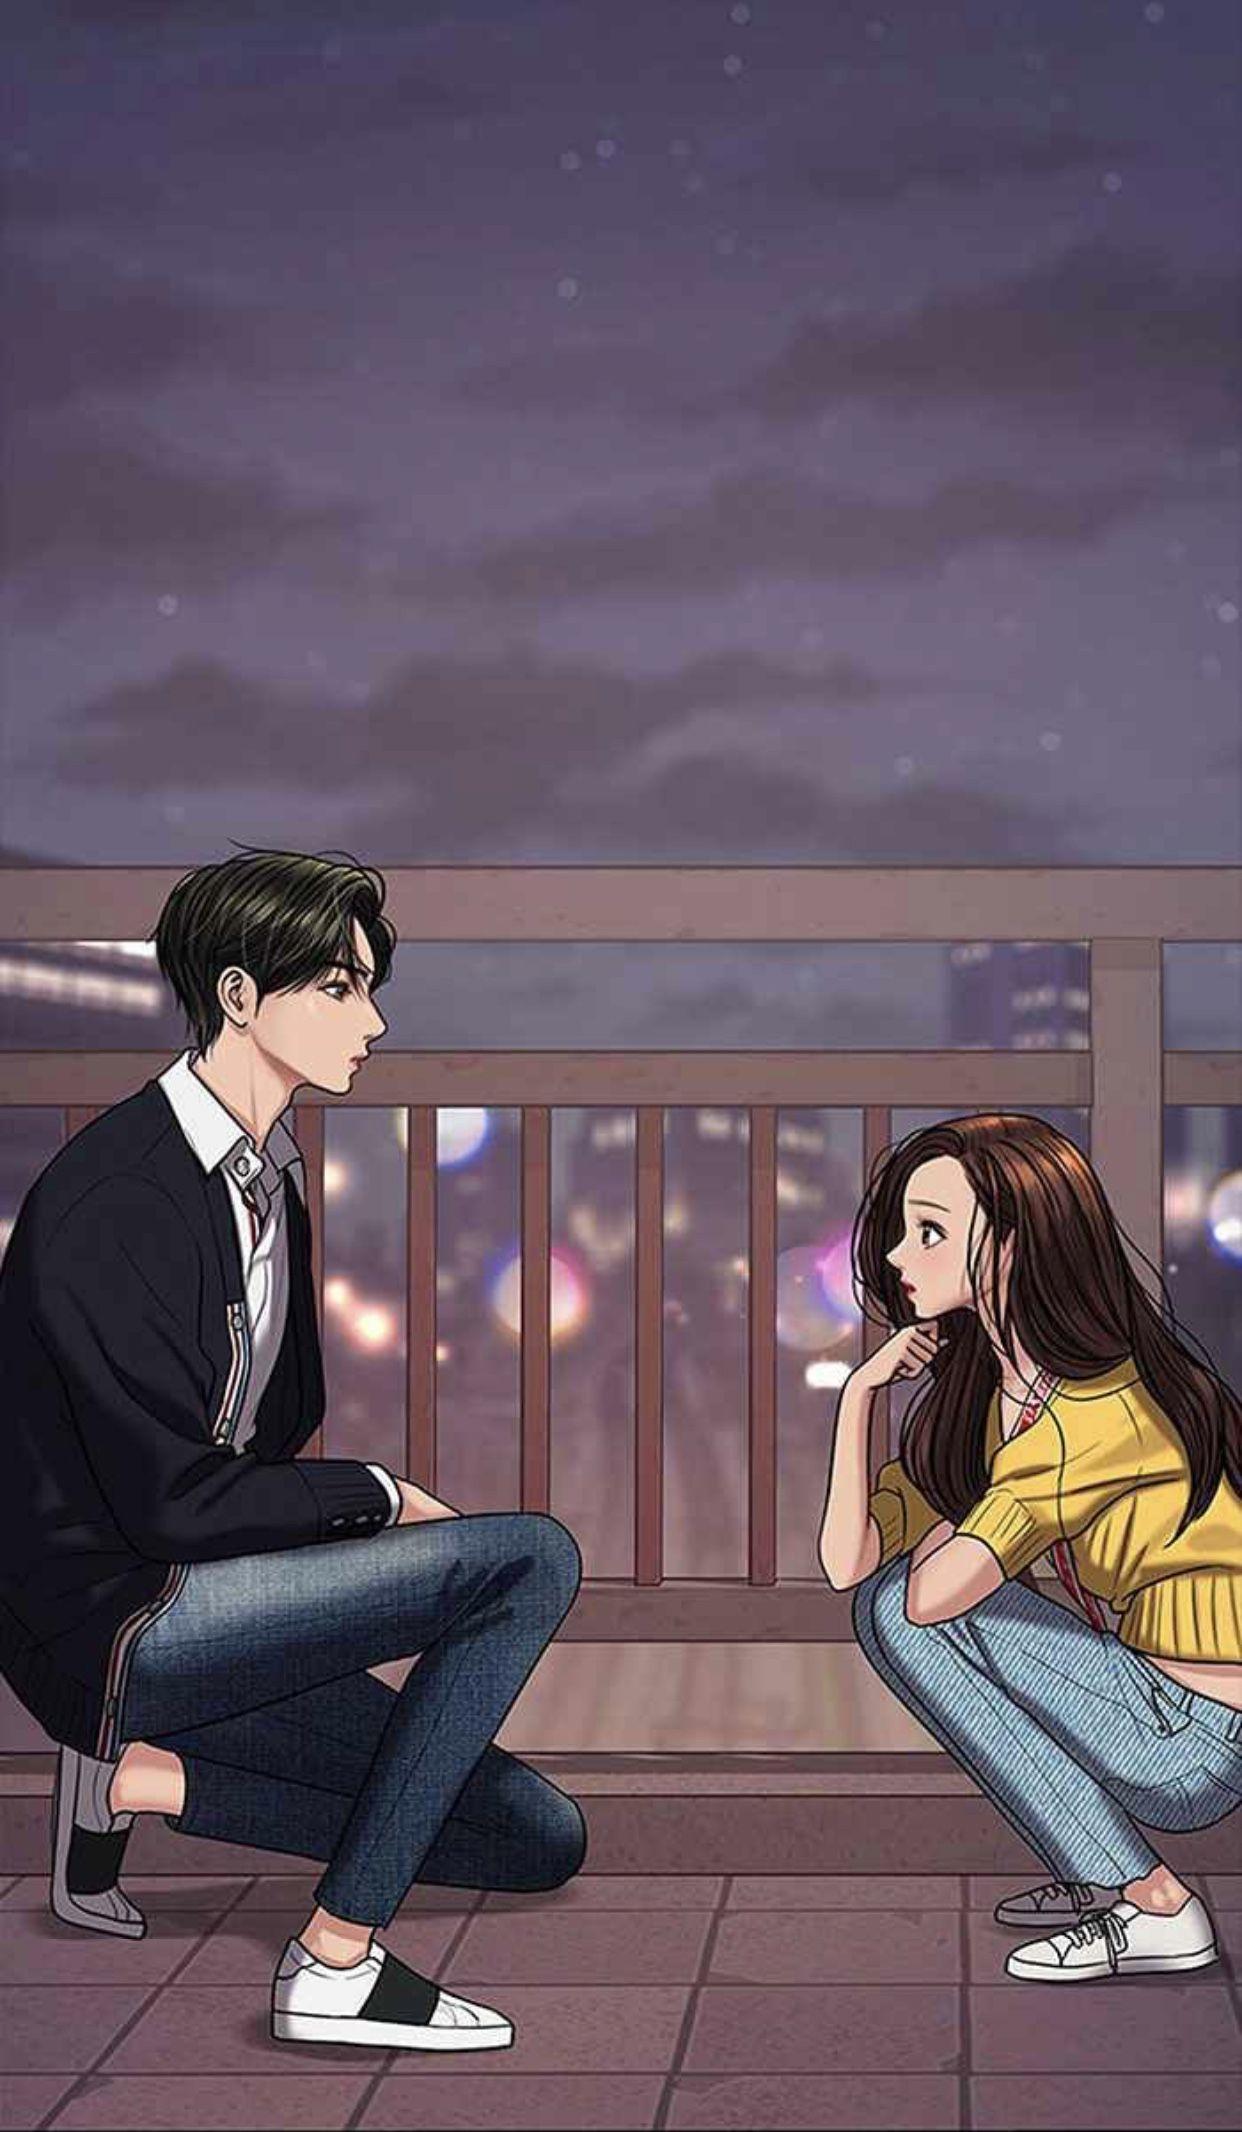 Pin oleh Mirza di Webtoon di 2020 Gambar anime, Gadis